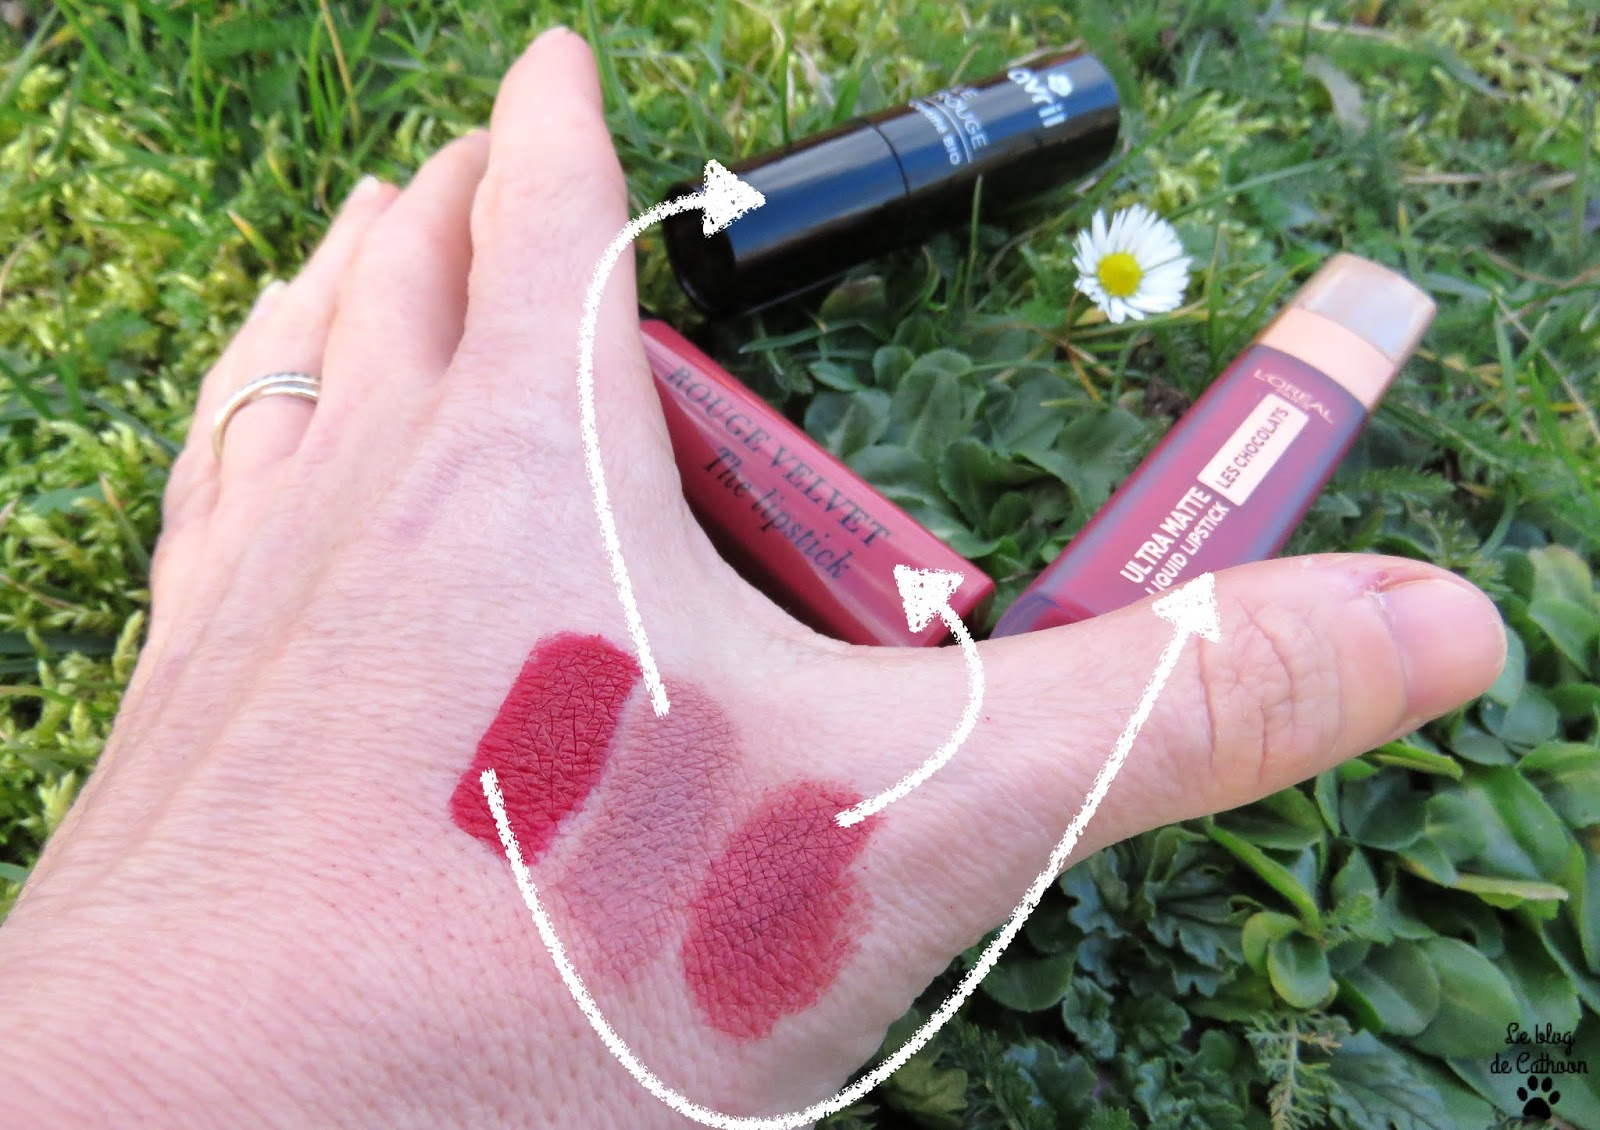 Top 3 rouges à lèvres du moment